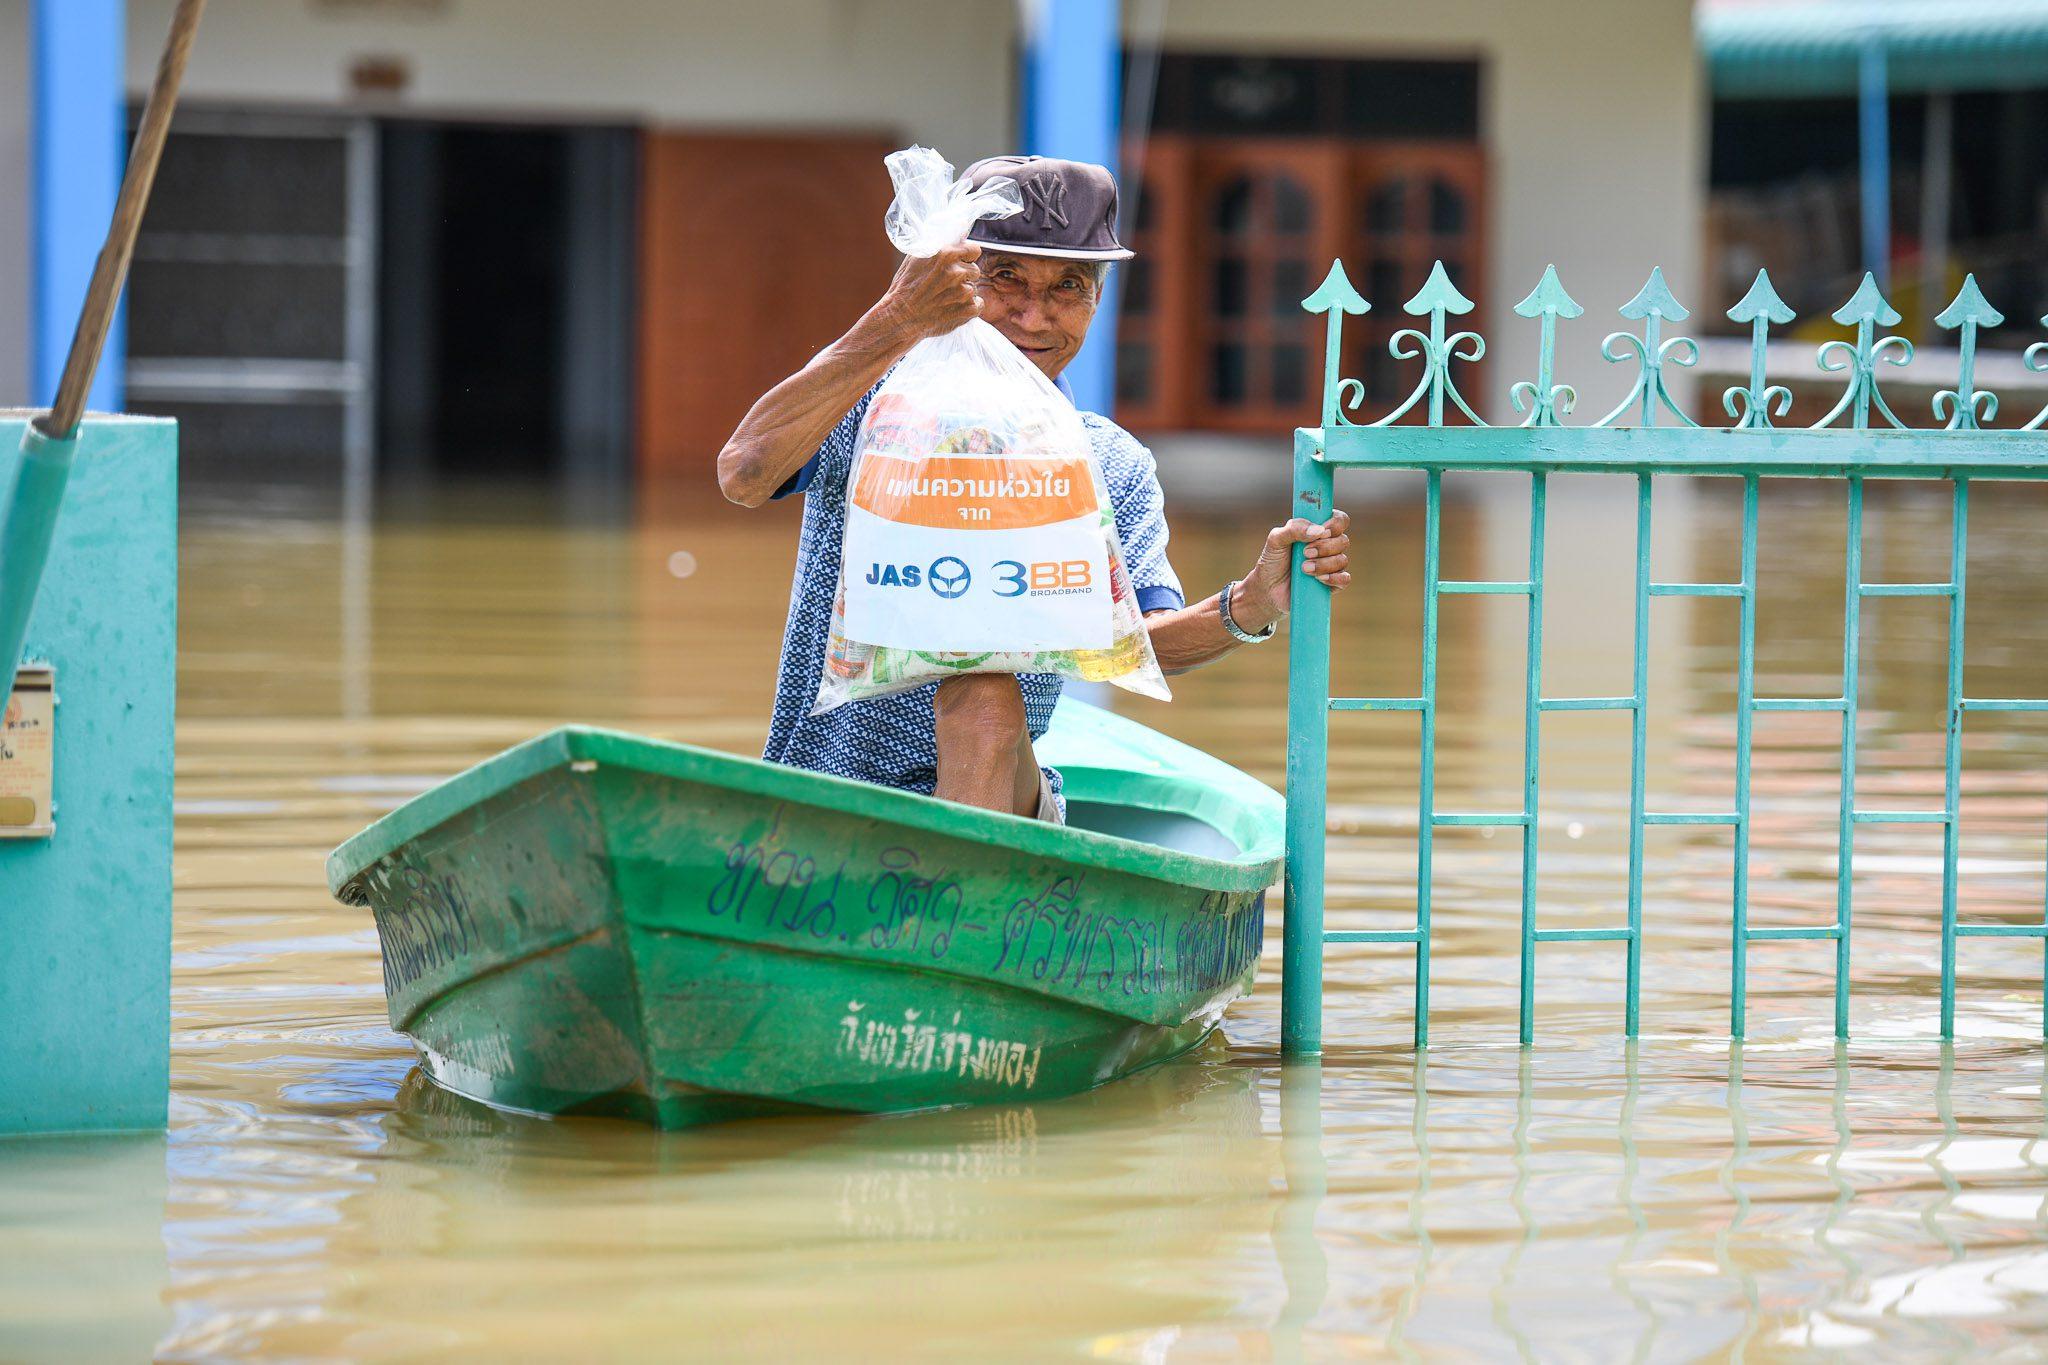 JAS และ 3BB ภาคกลางลงพื้นที่ช่วยเหลือผู้ประสบภัยน้ำท่วมต่อเนื่อง